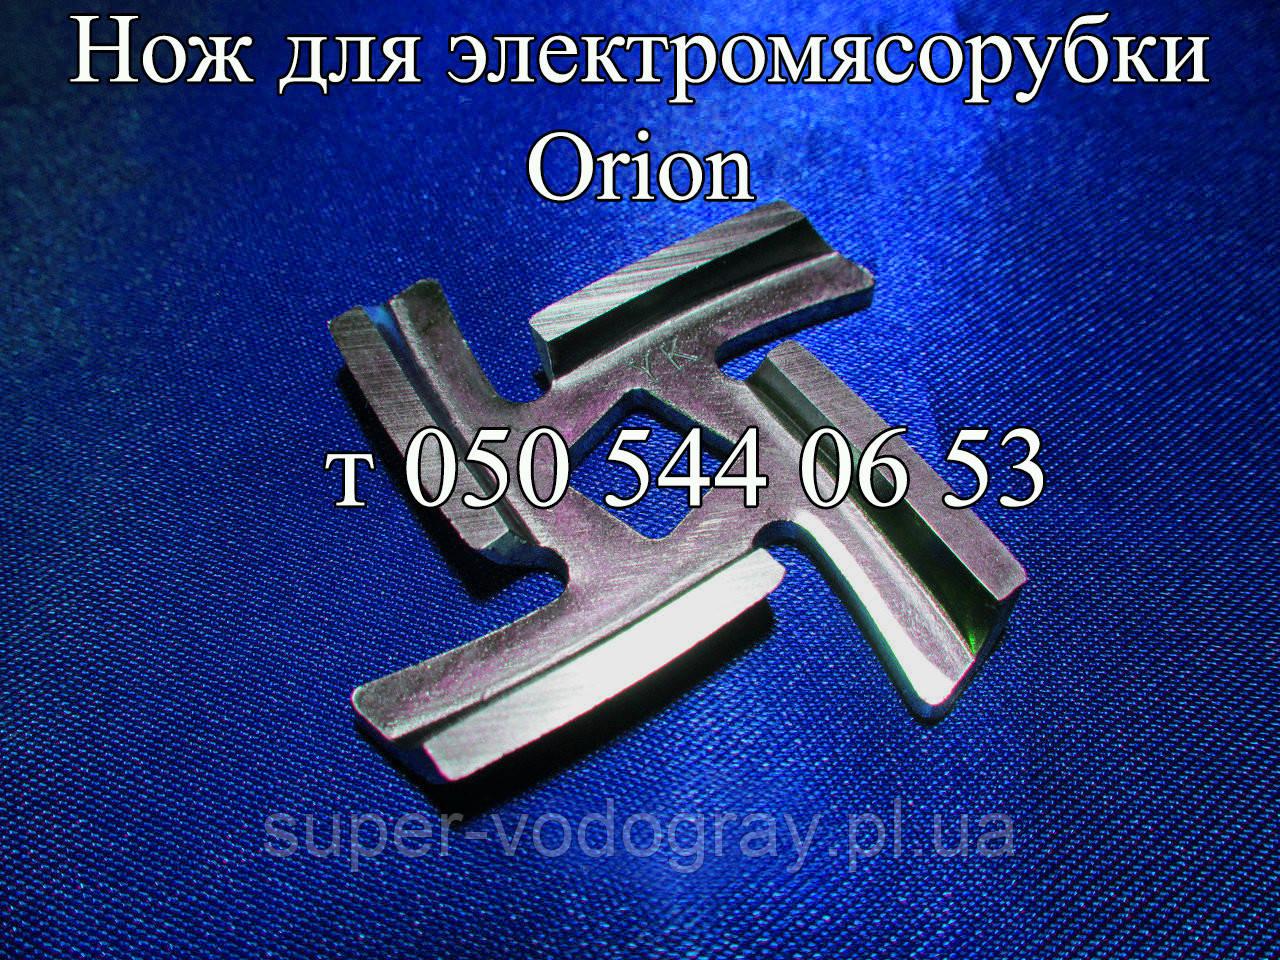 Ніж для електром'ясорубки Orion